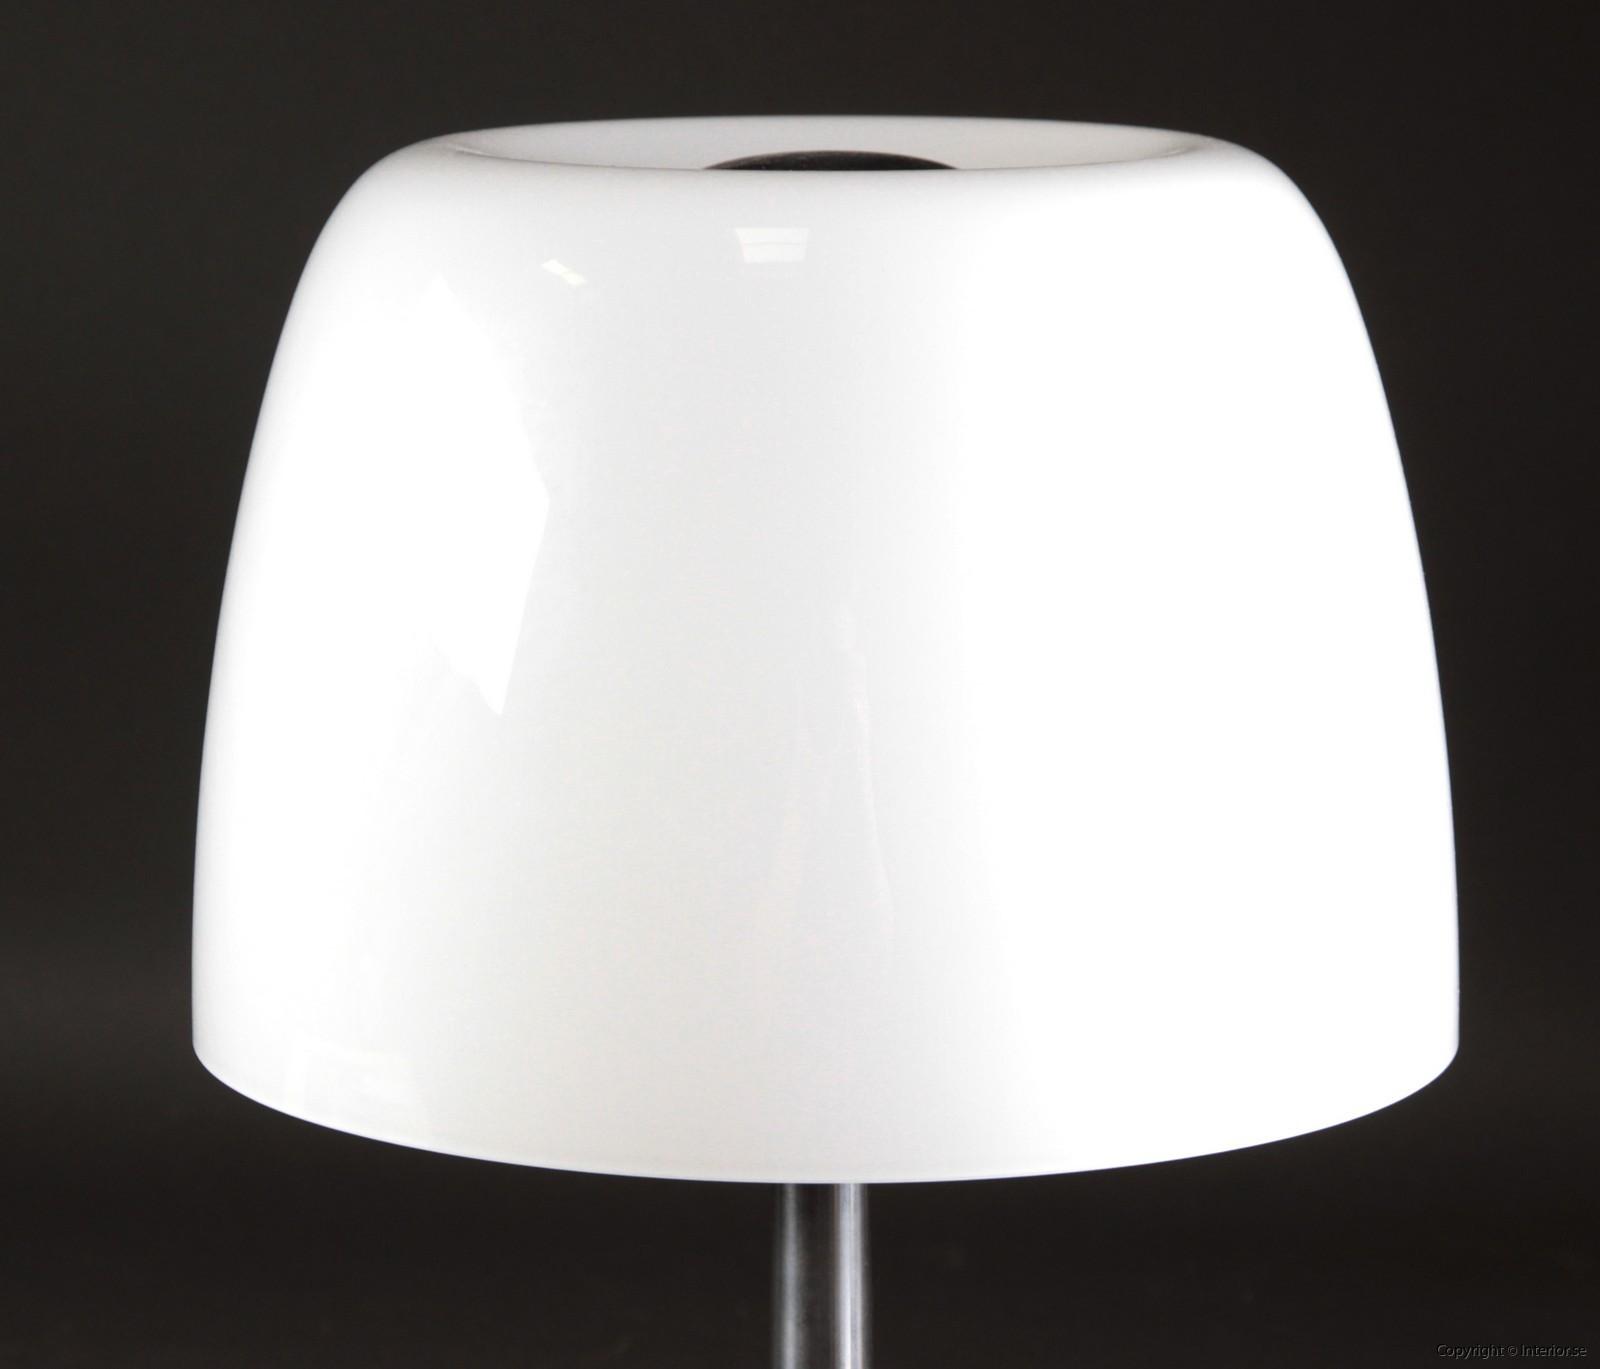 Bordslampa, Foscarini Lumiere 05 Piccola -  Rodolfo Dordoni 2